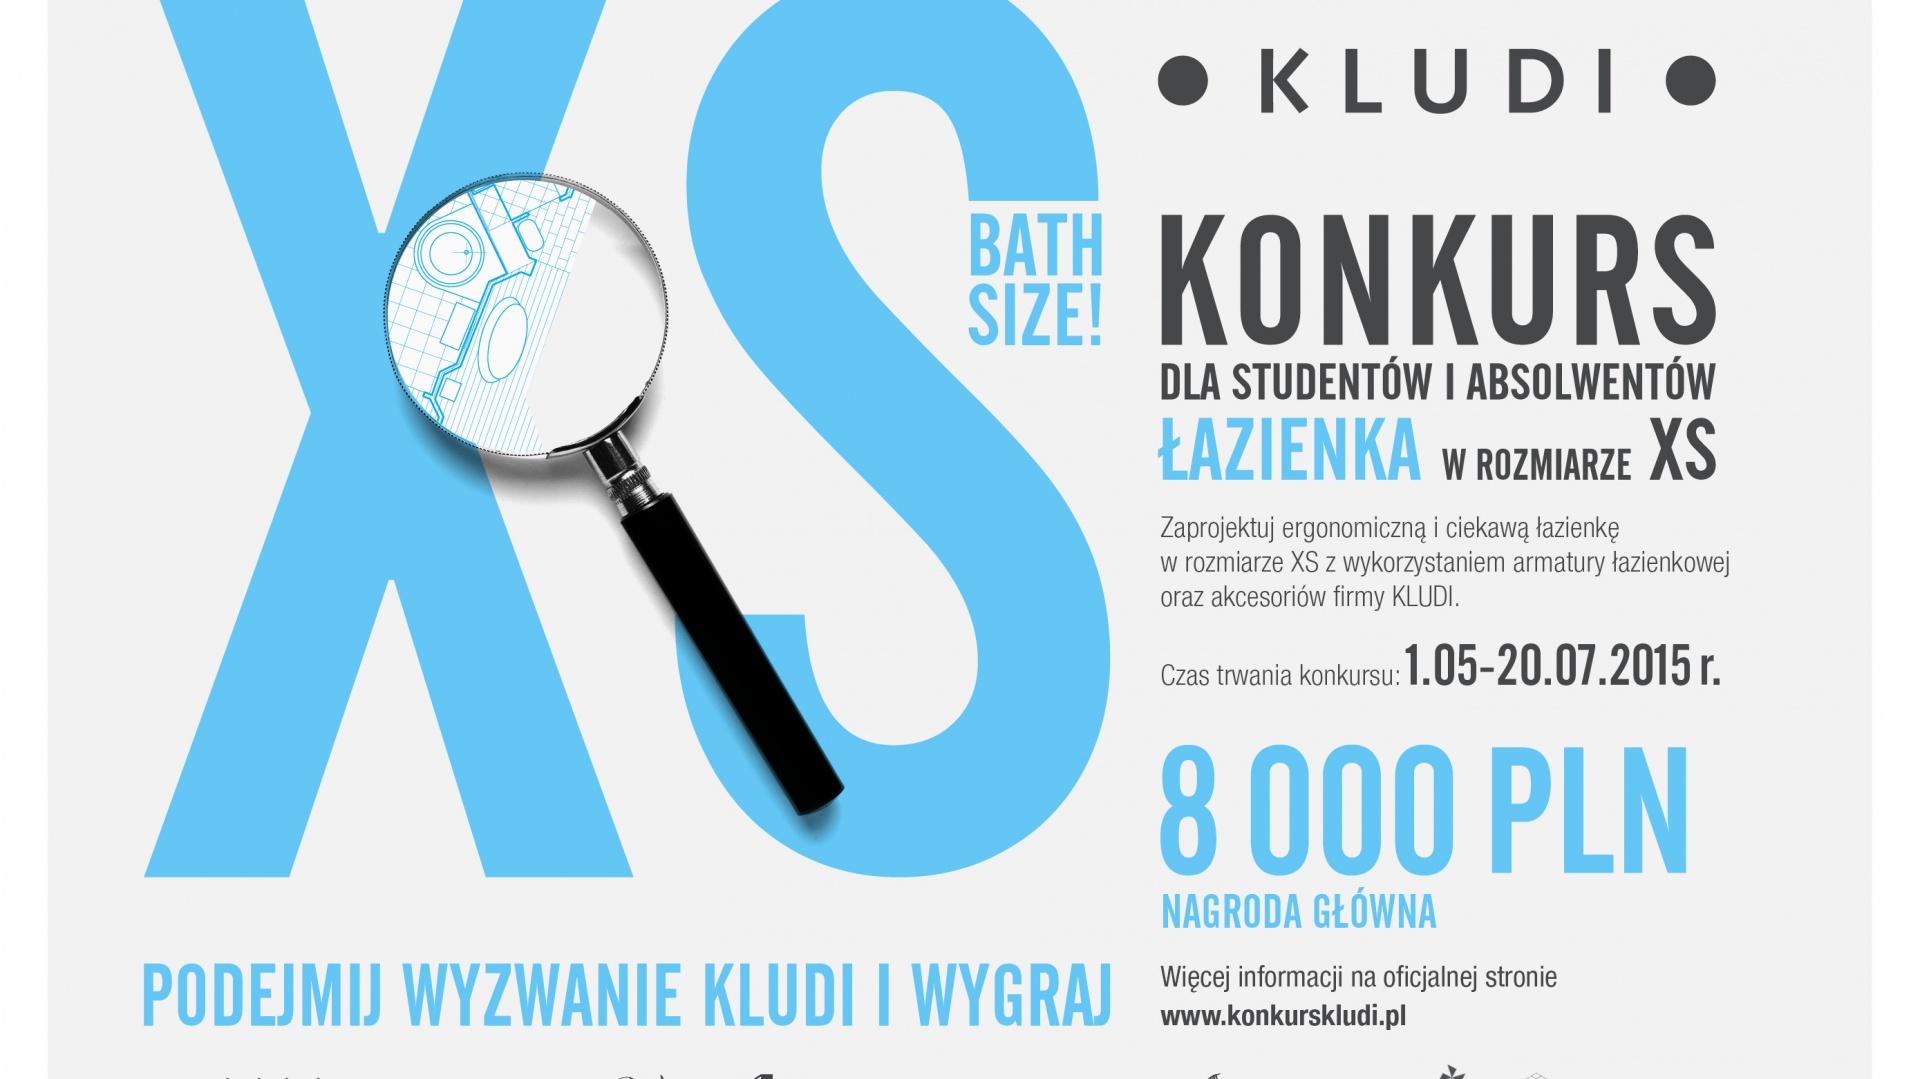 Plakat konkursowy. Fot. Materiały prasowe organizatora